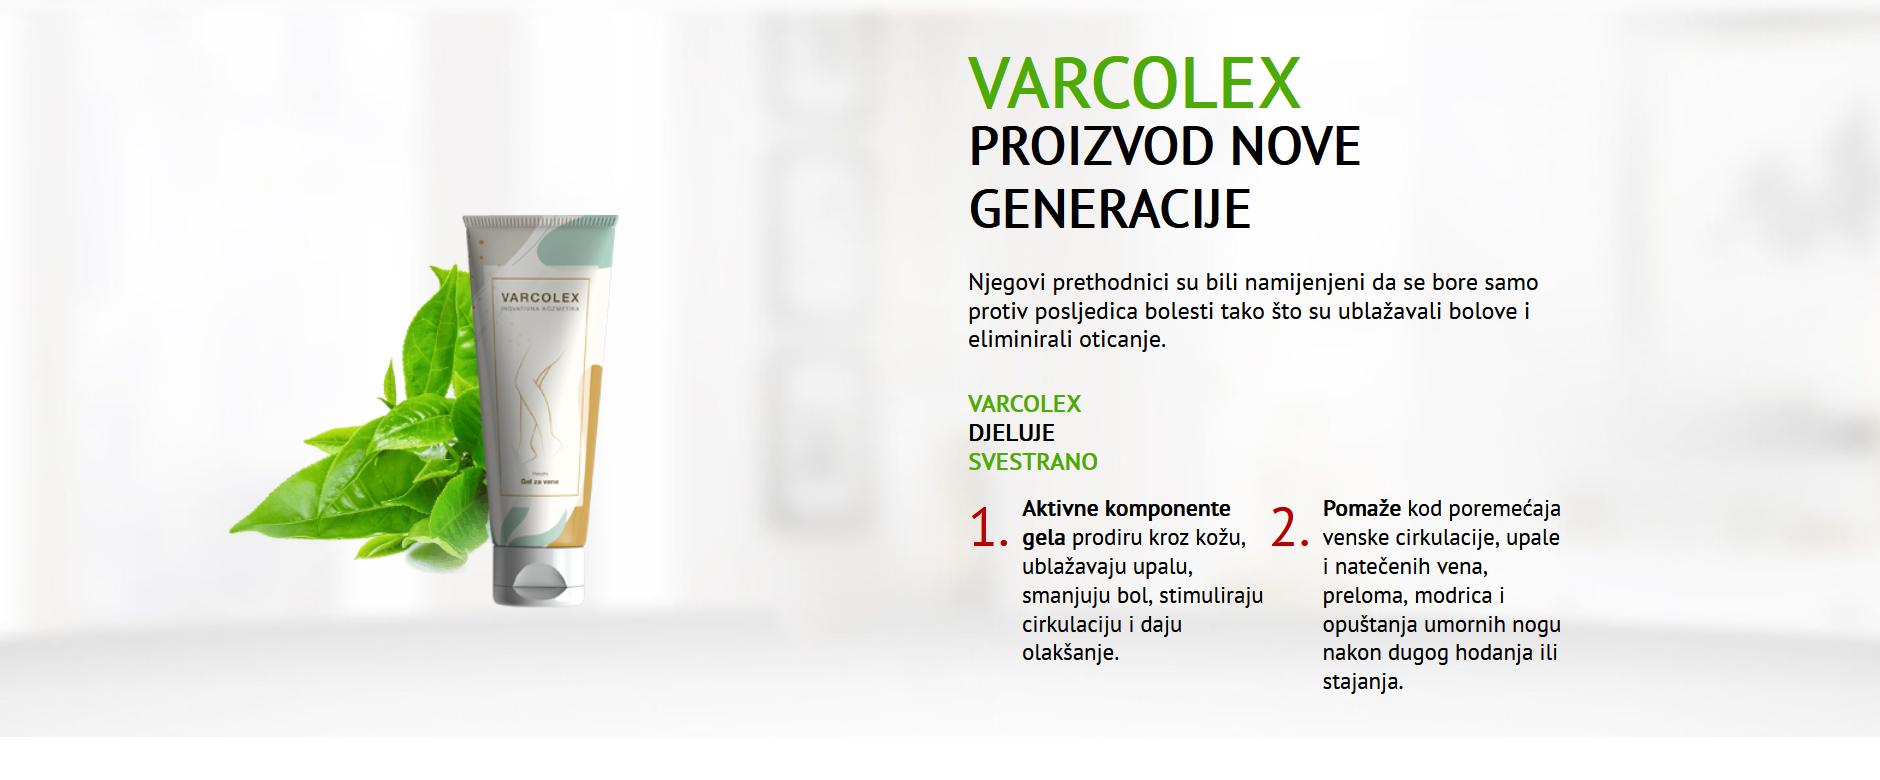 Varcolex